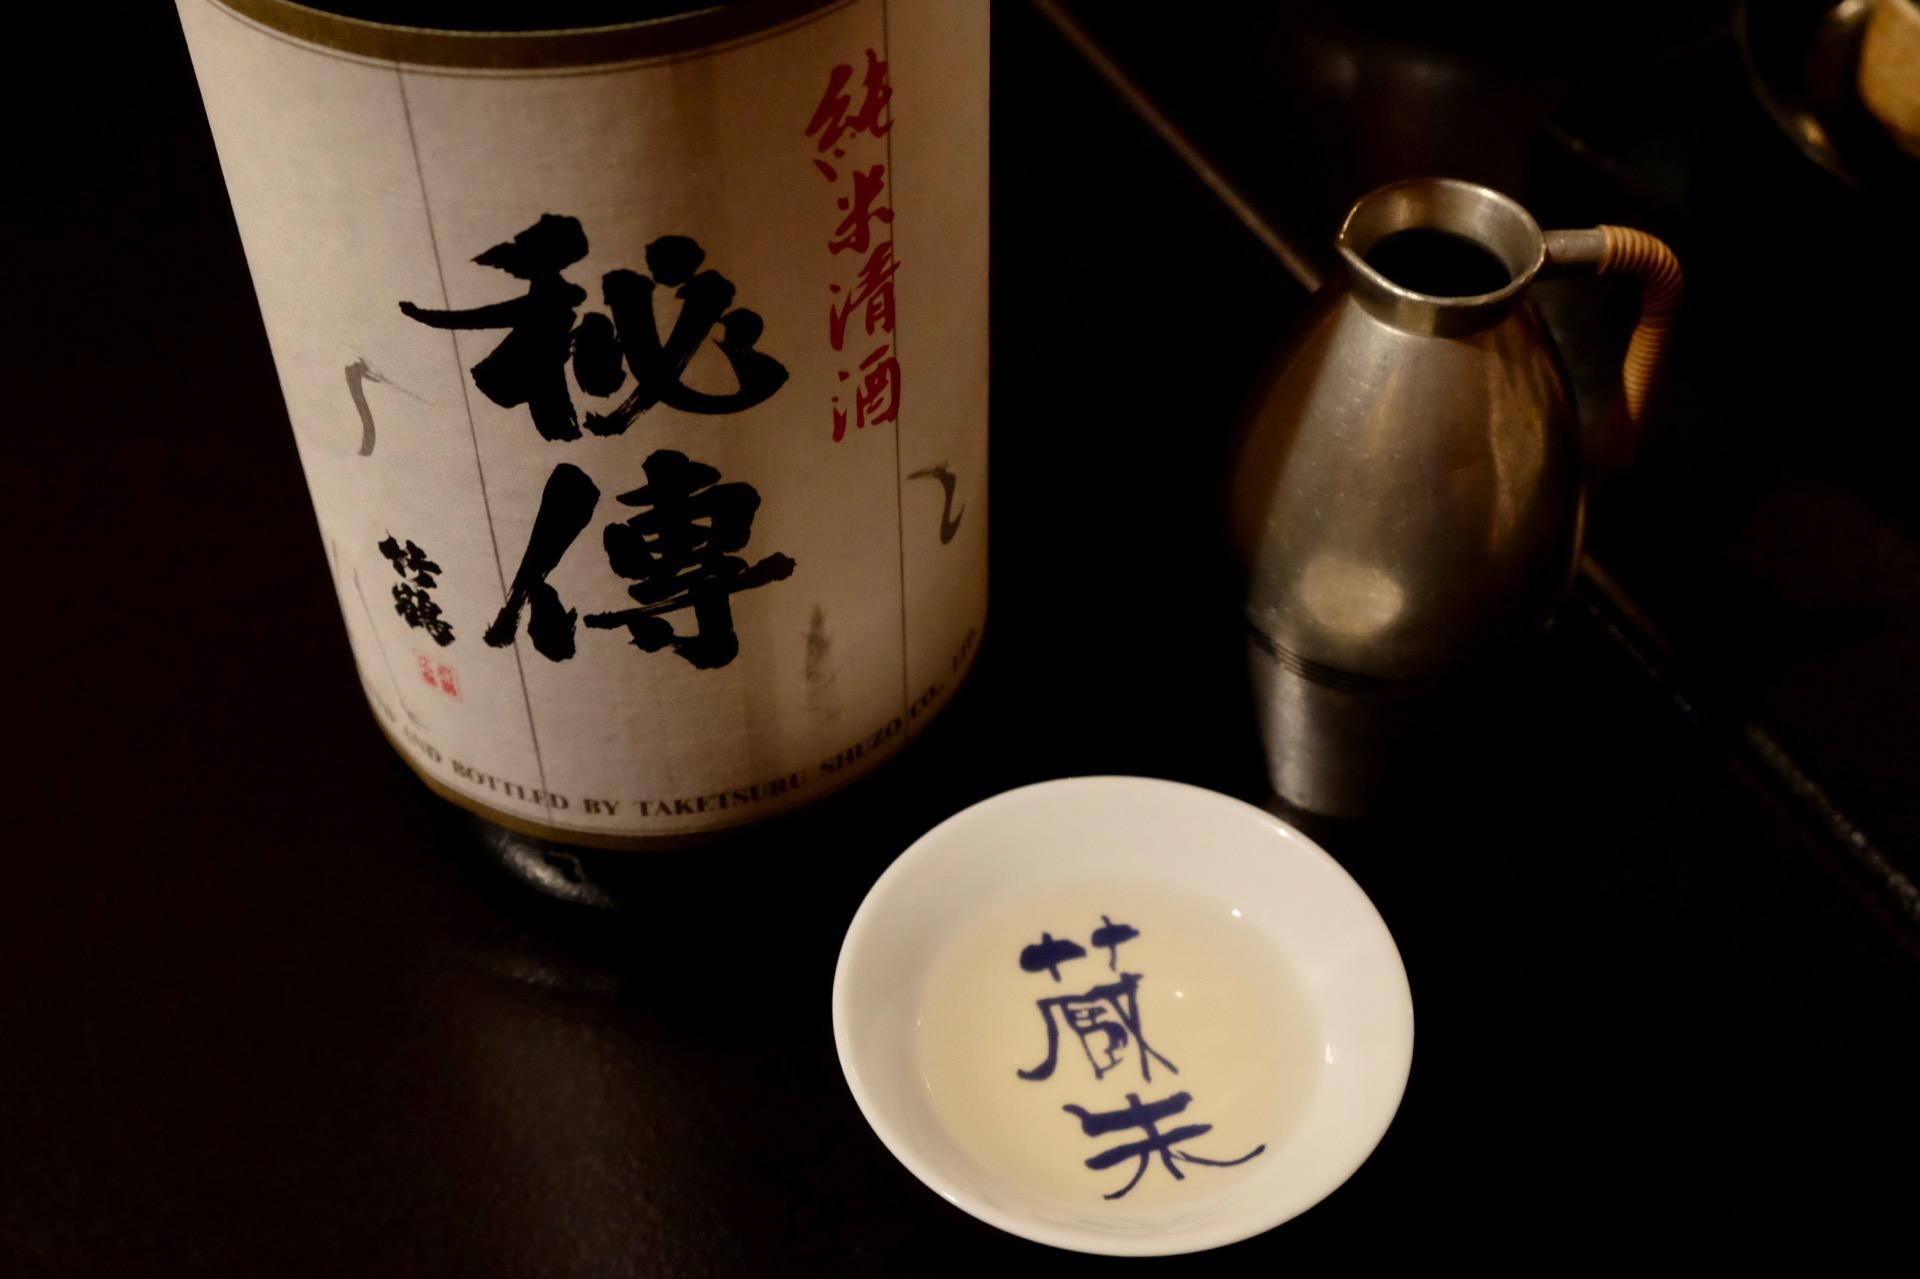 竹鶴 純米清酒 秘傳|日本酒テイスティングノート